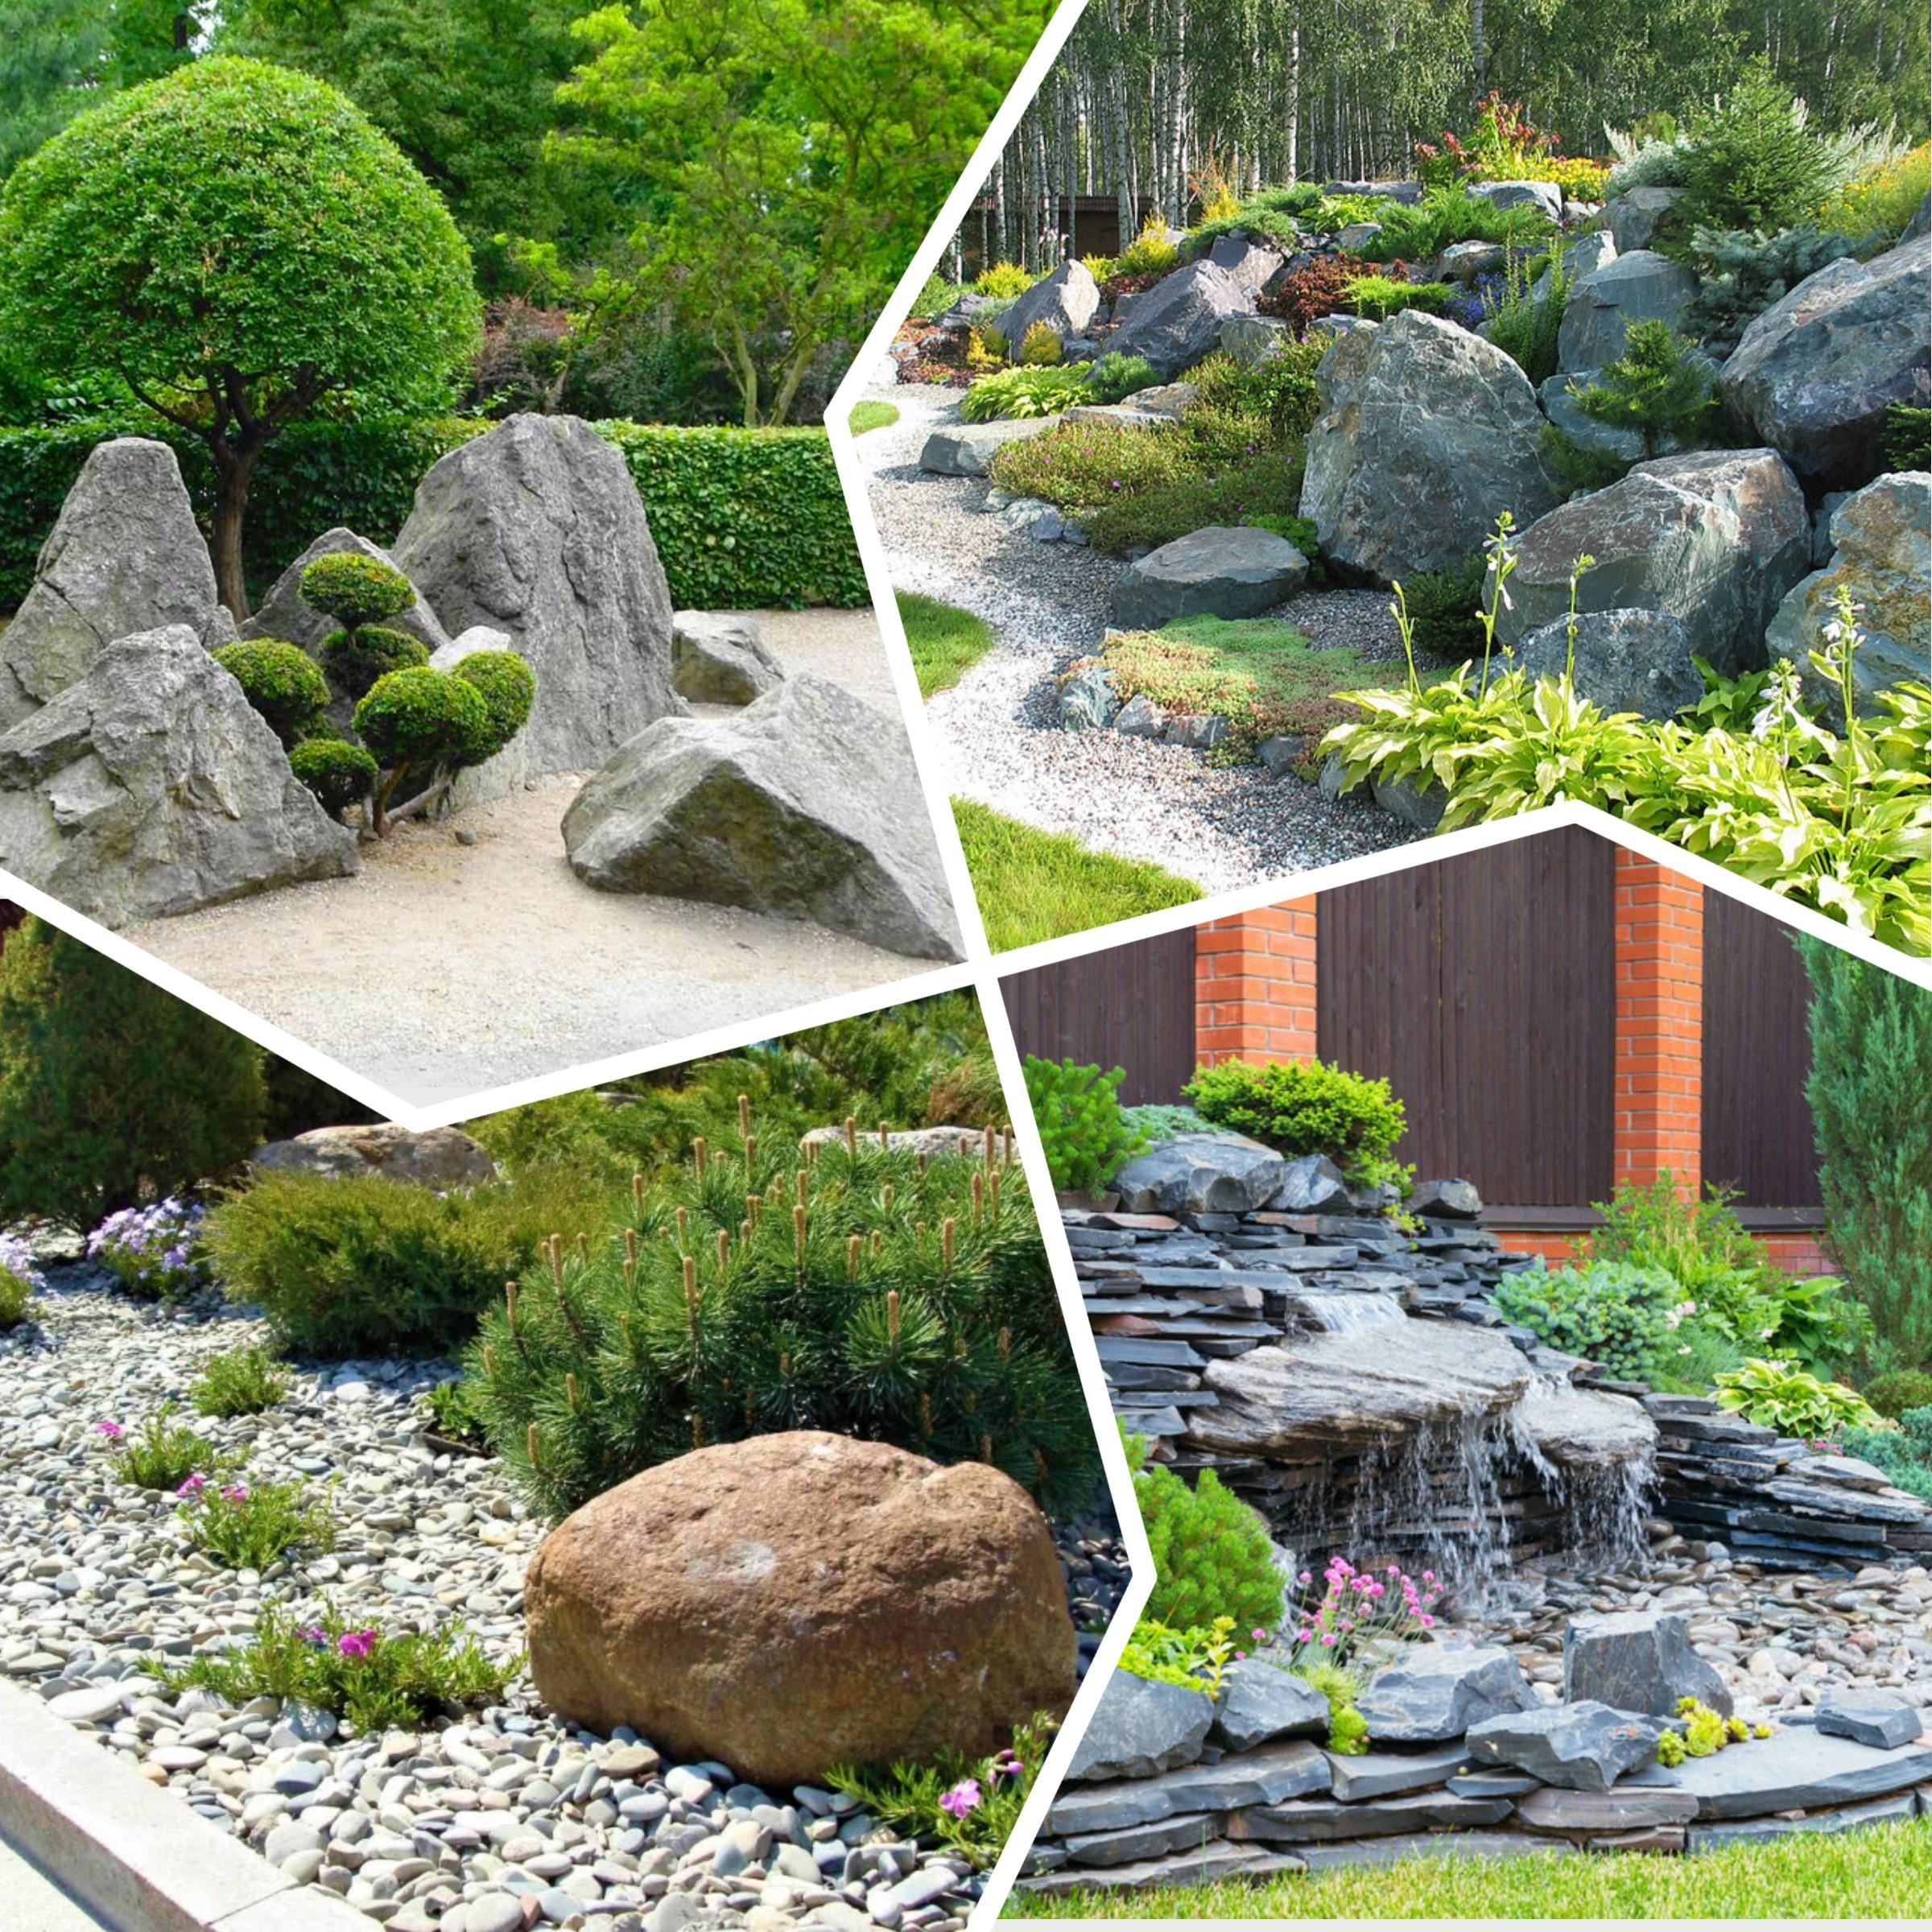 изображение валунов и камней в ландшафтном дизайне